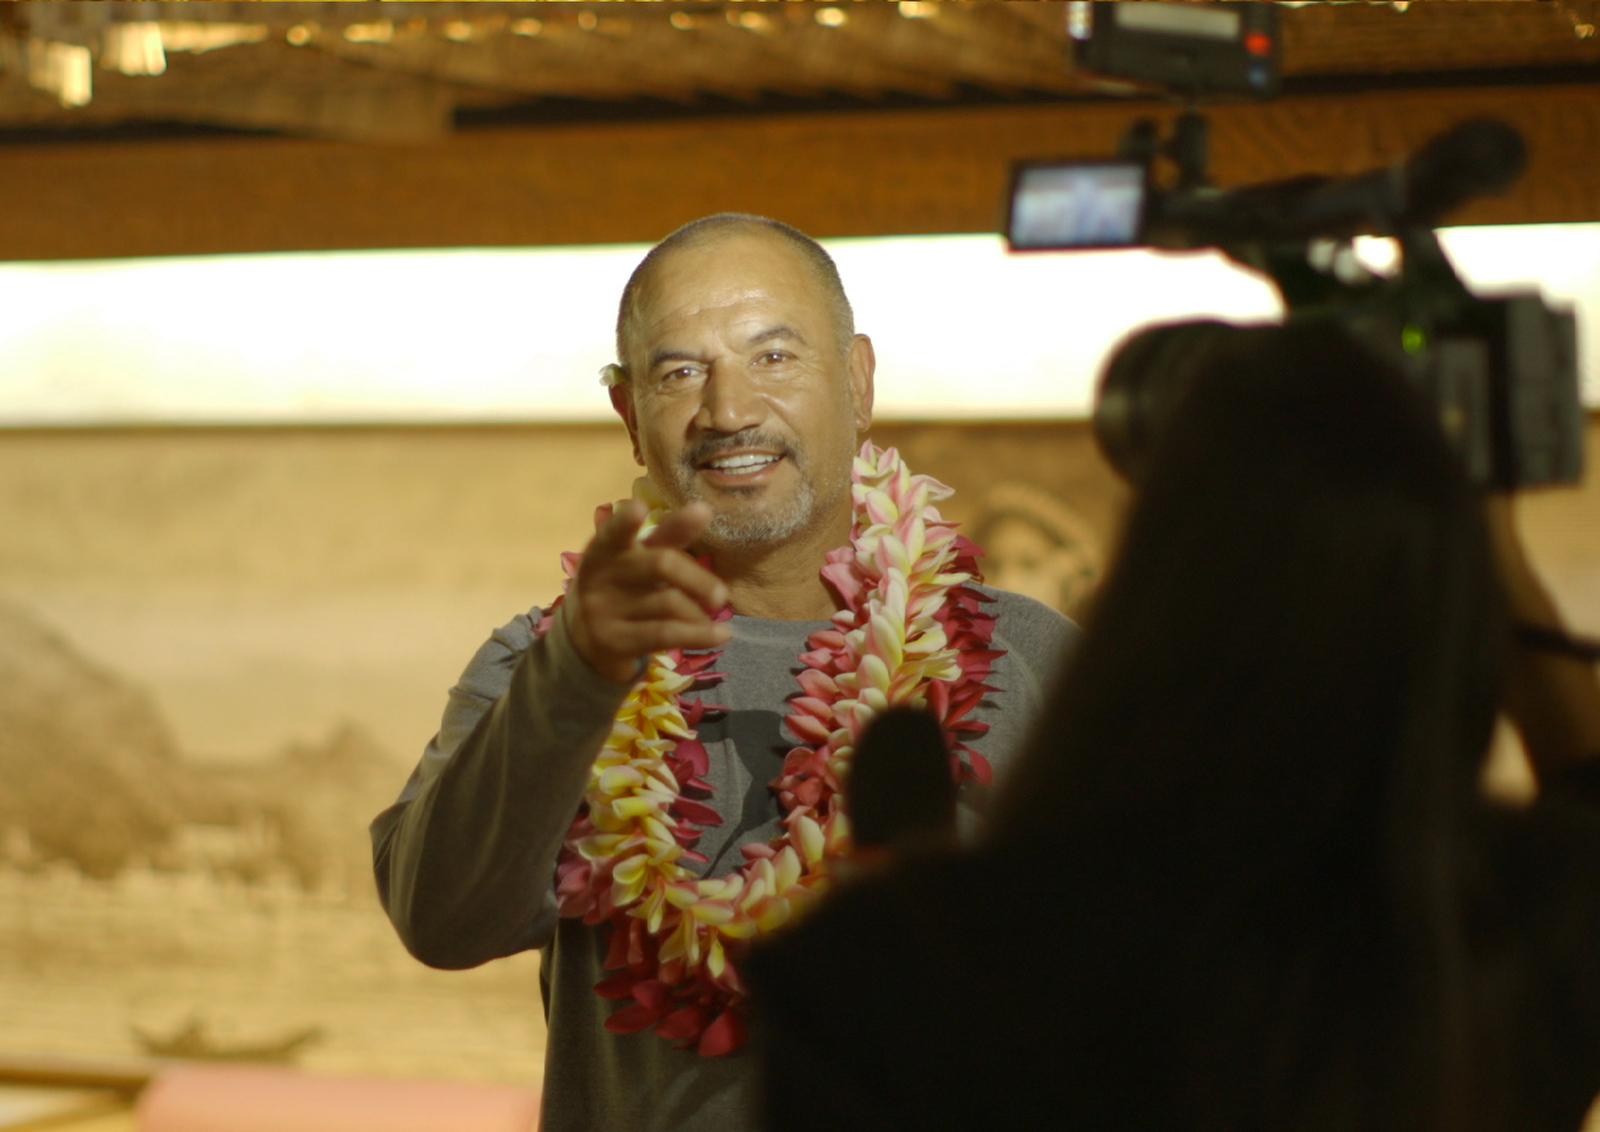 L'acteur maori Temuera Morrison a été accueilli mercredi soir à Tahiti par l'équipe locale du projet.